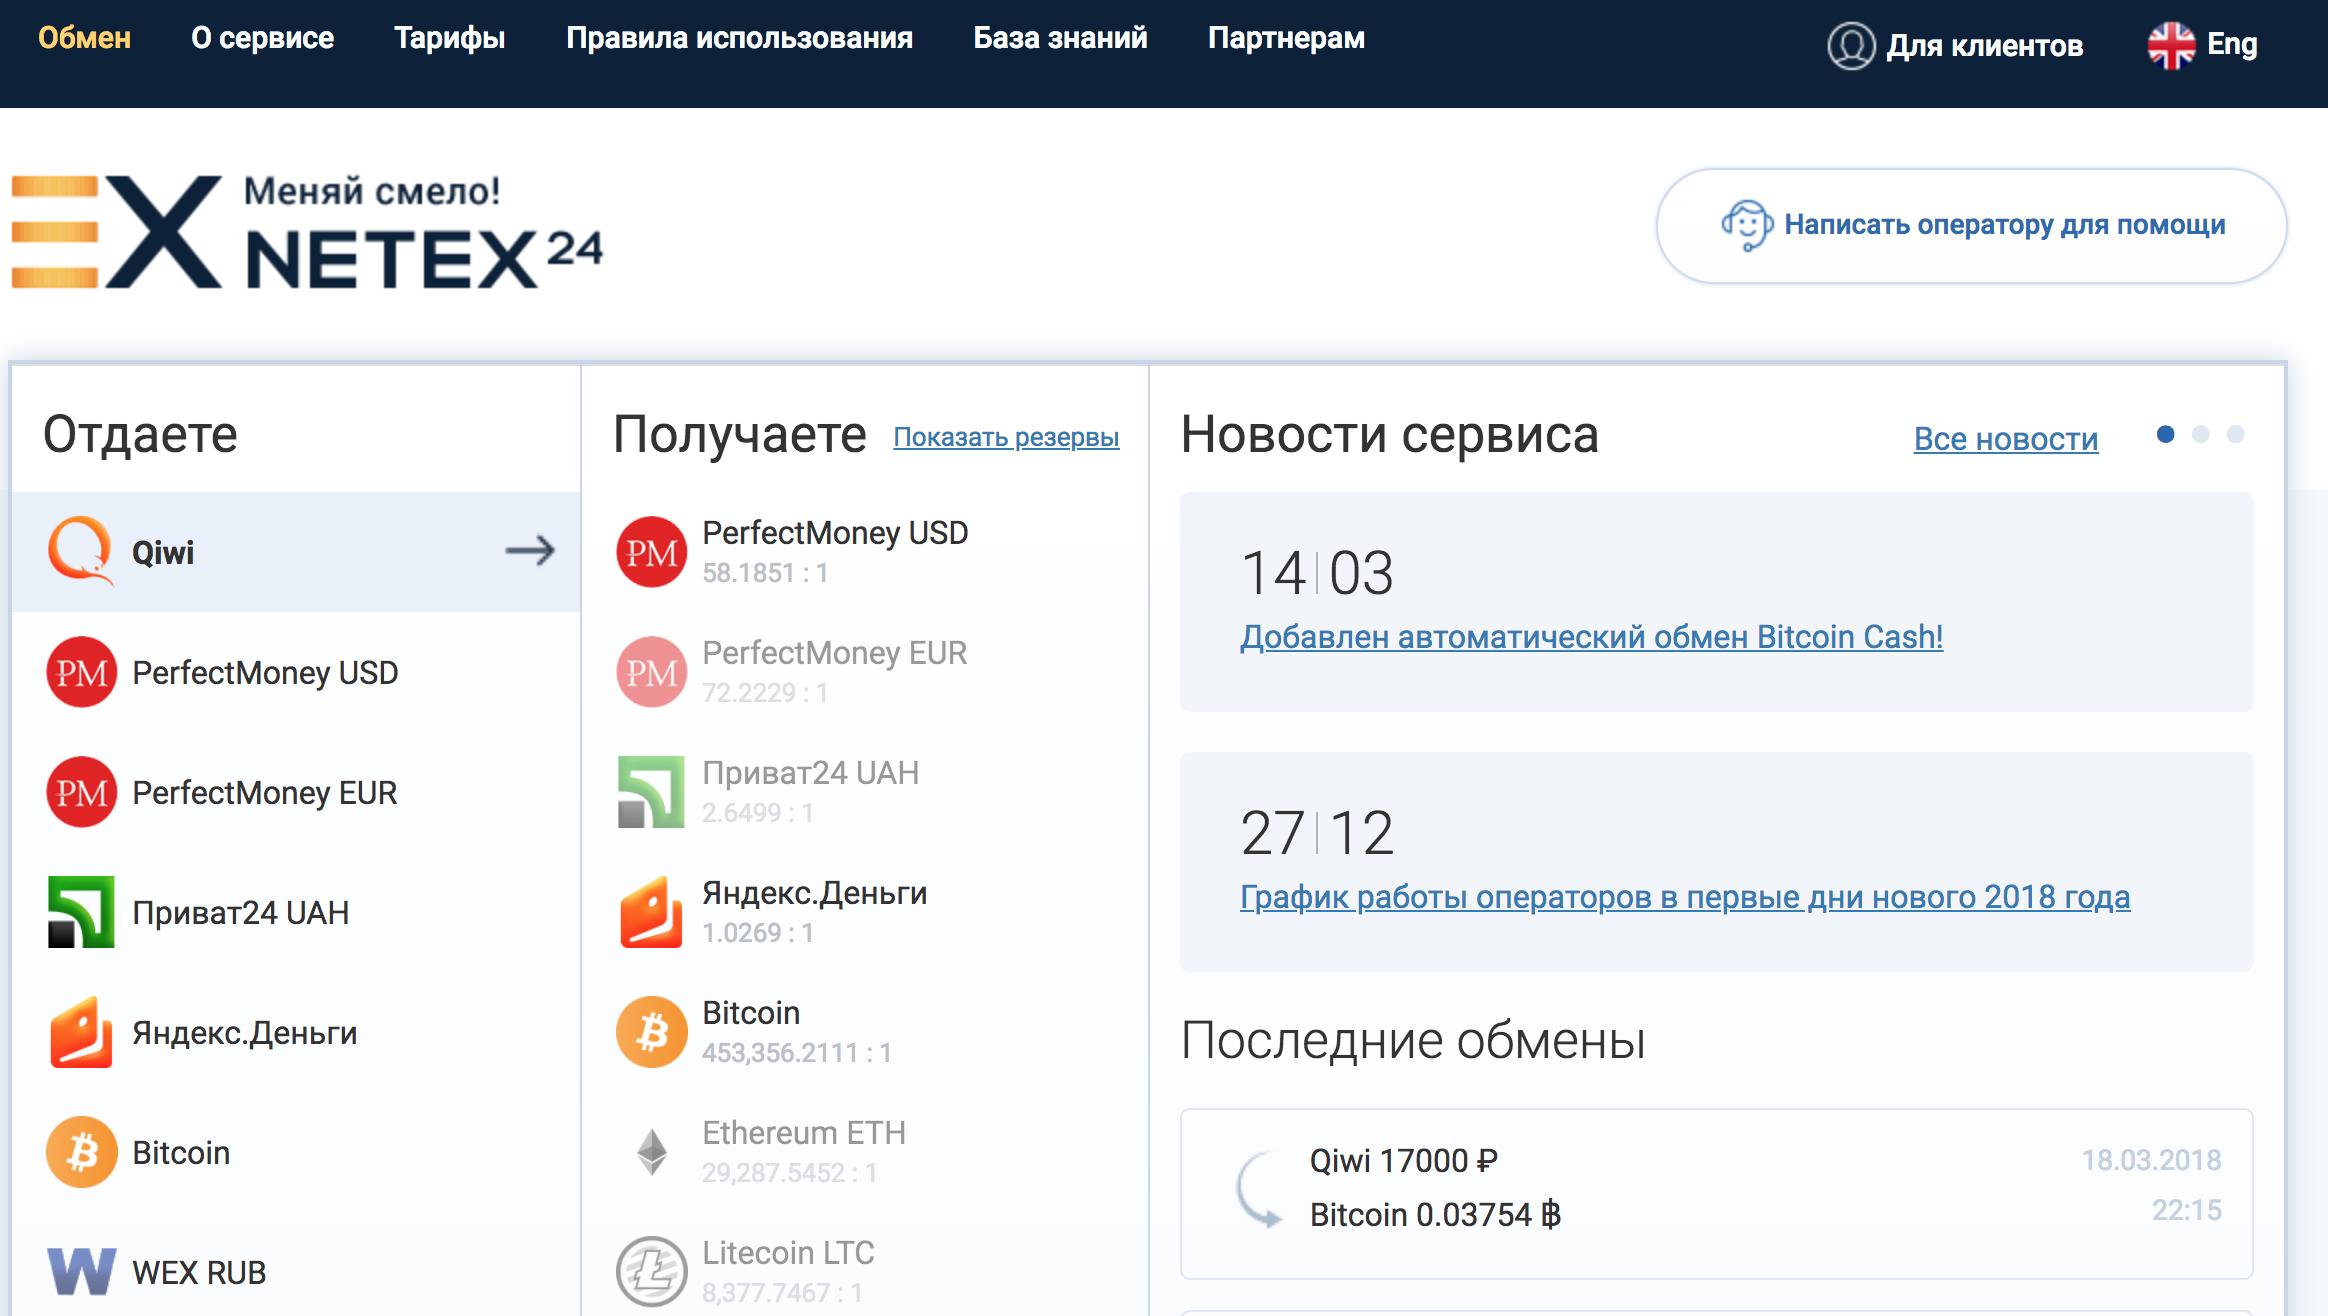 Сервис обмена netex24